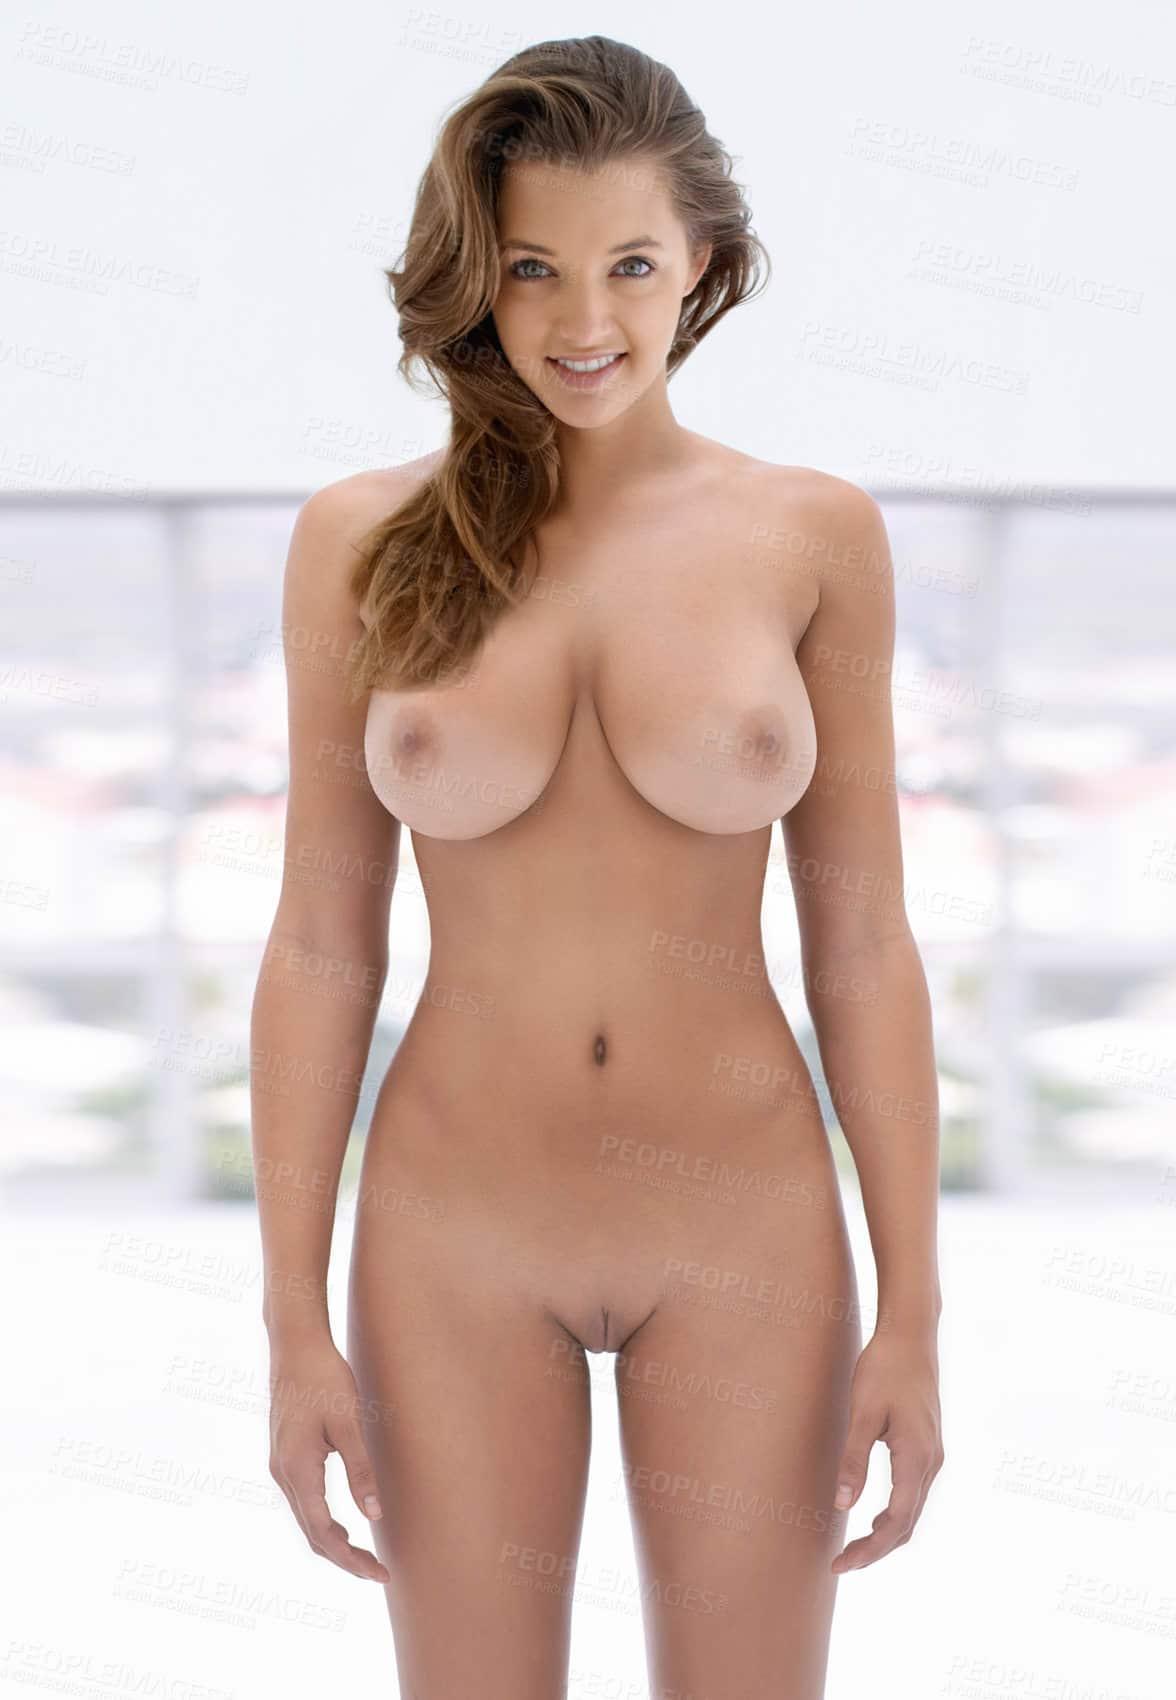 Alyssa hart petite tiny redhead young slut